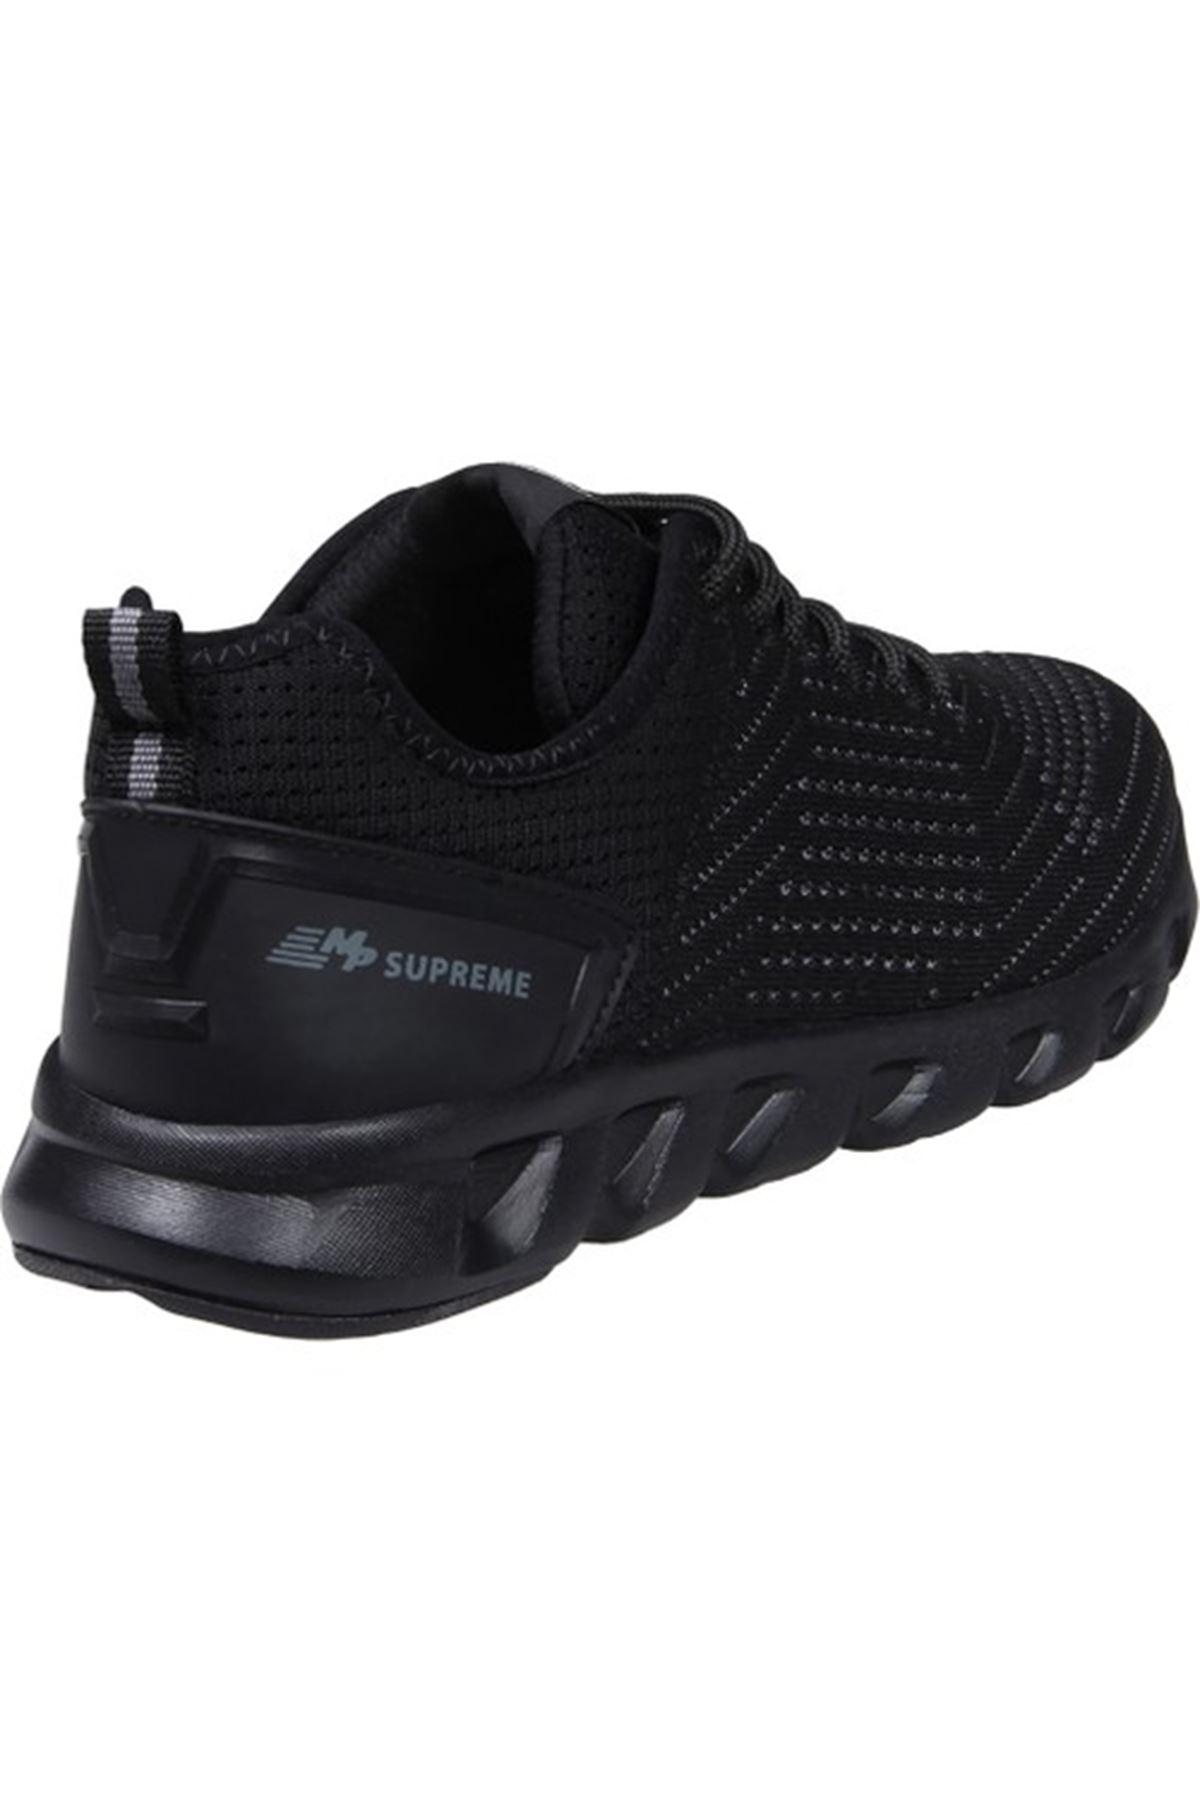 MP 191-7308 Erkek Koşu Yürüyüş Spor Ayakkabı